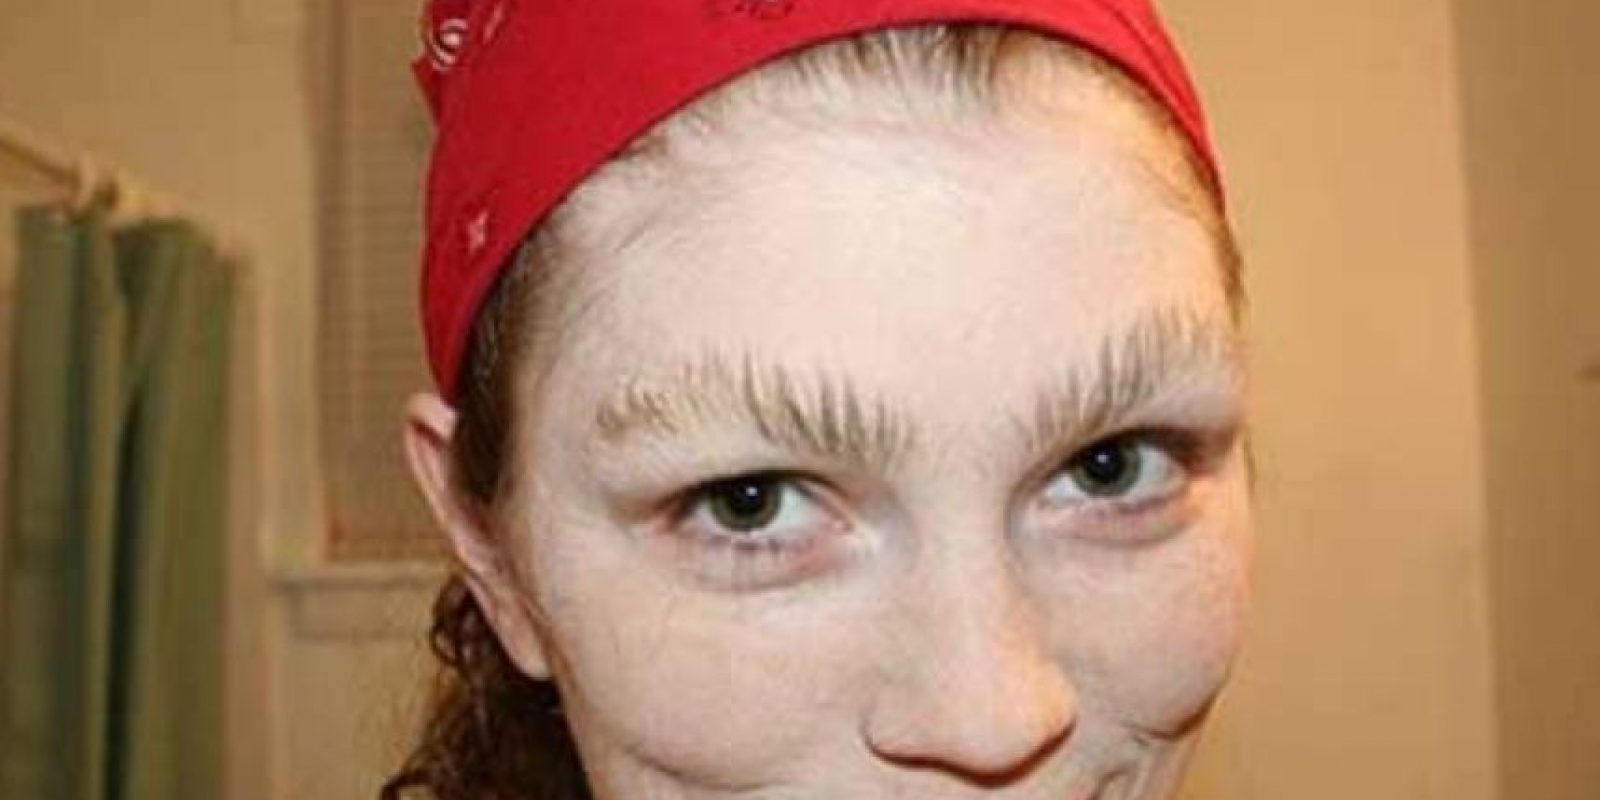 También hubo consecuencias a largo plazo. Las que eran alérgicas a lo que en realidad era un tatuaje tuiveron muchos problemas de salud. Foto:vía EpicFail.com